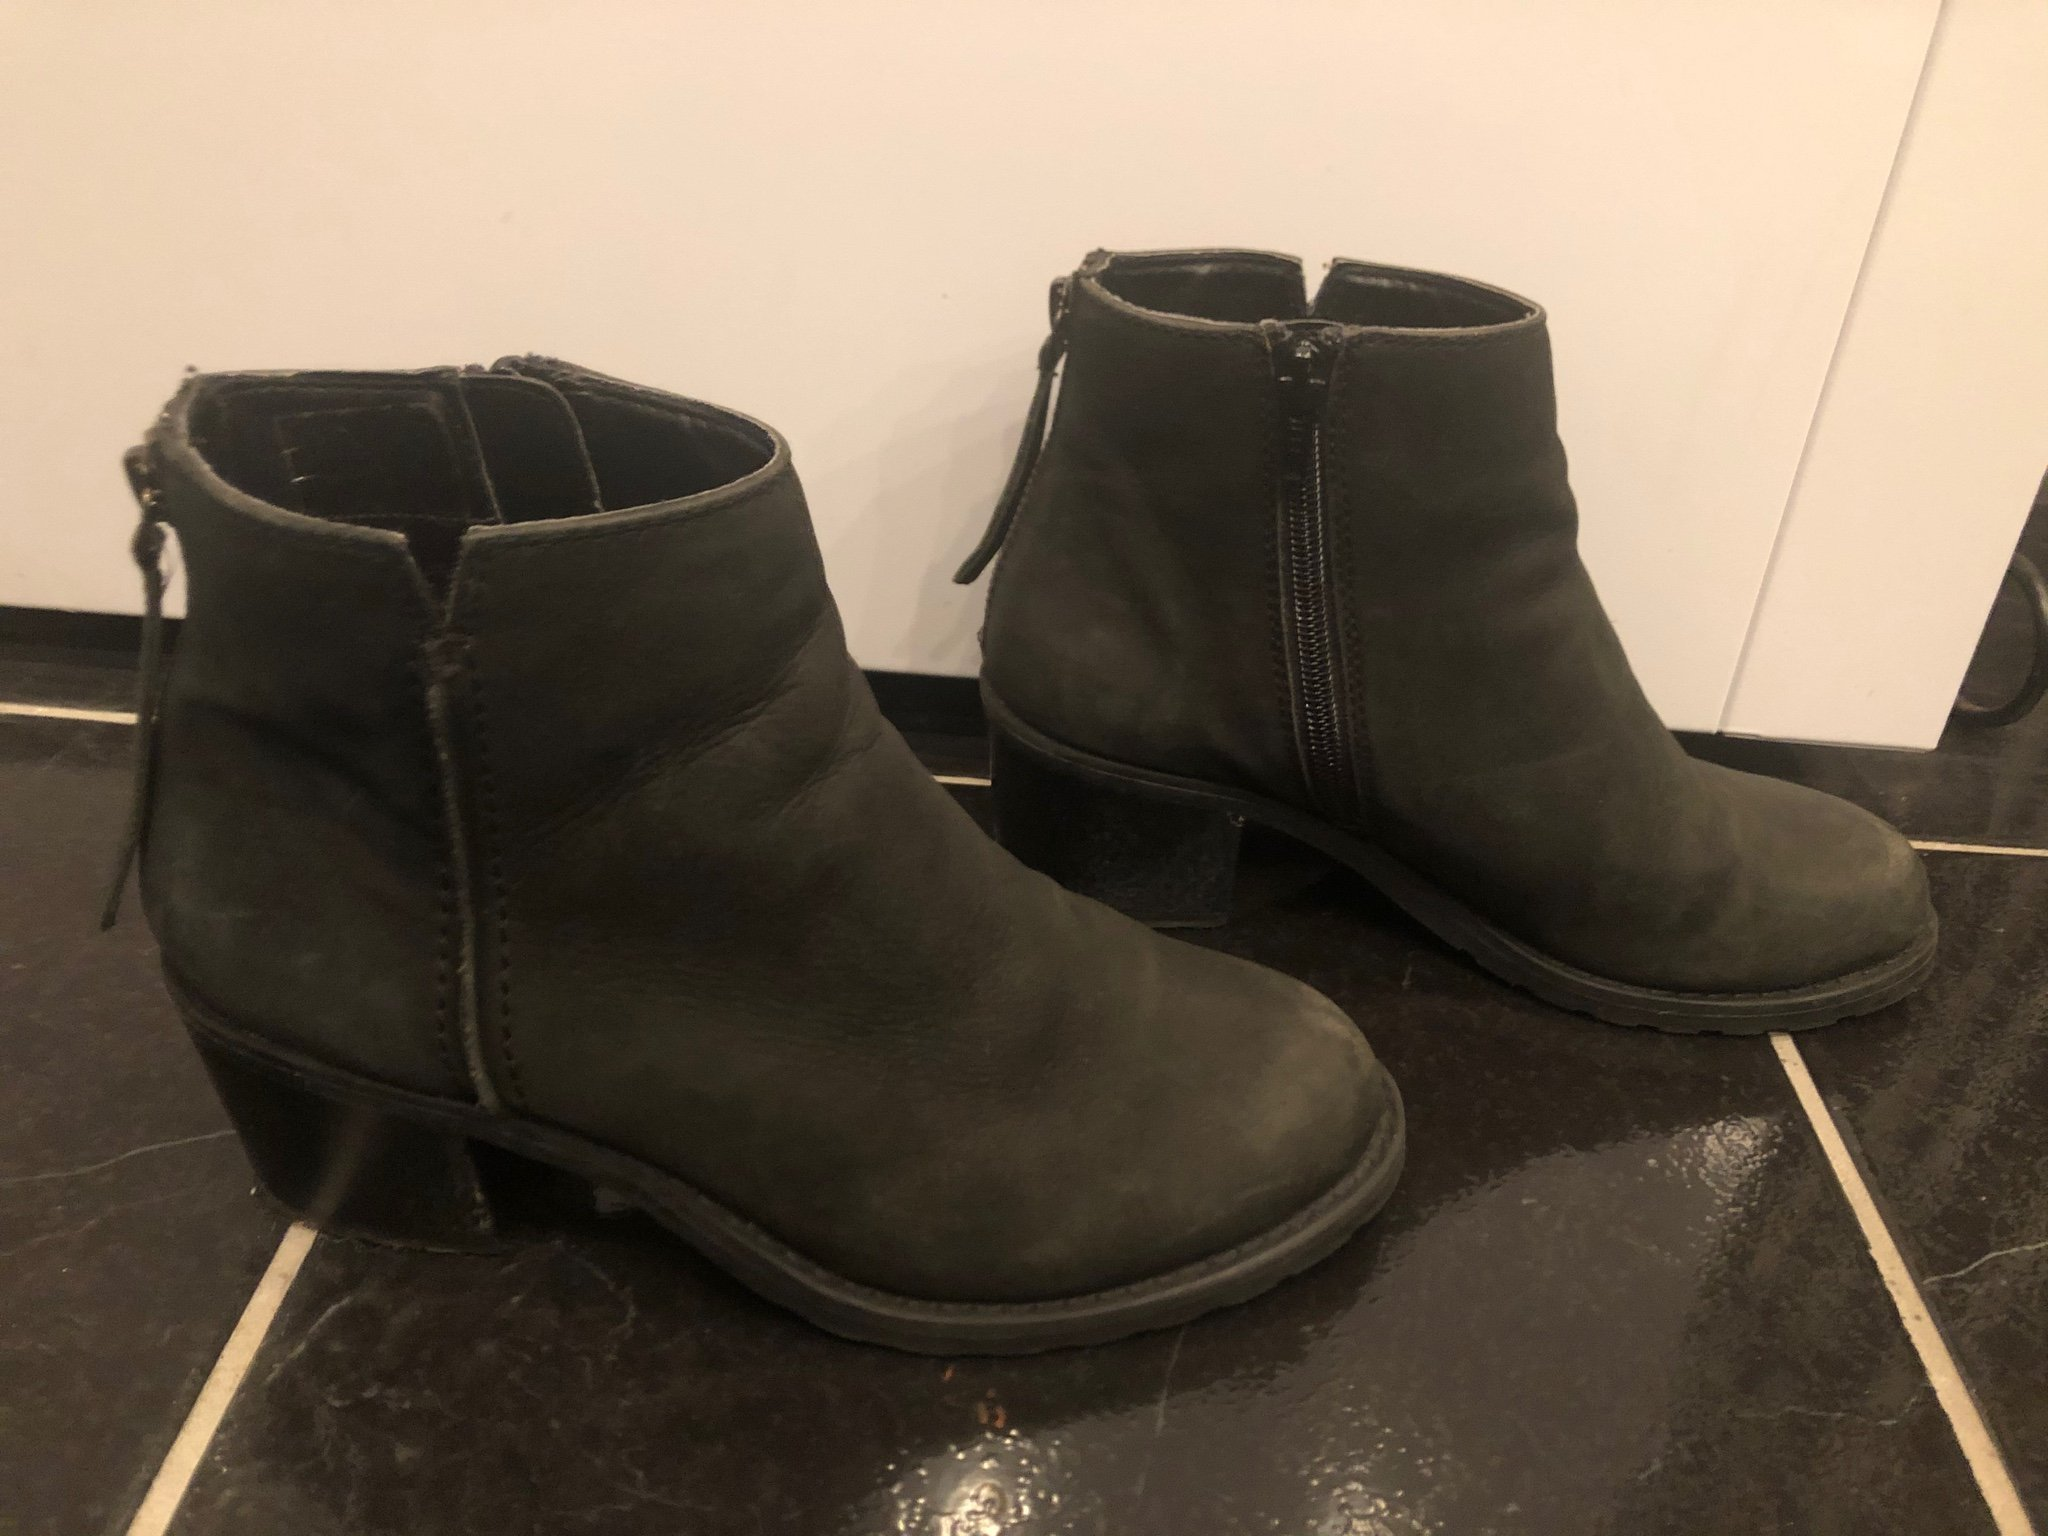 Snygga skinn boots, svarta stl 36, fint beg.skick!